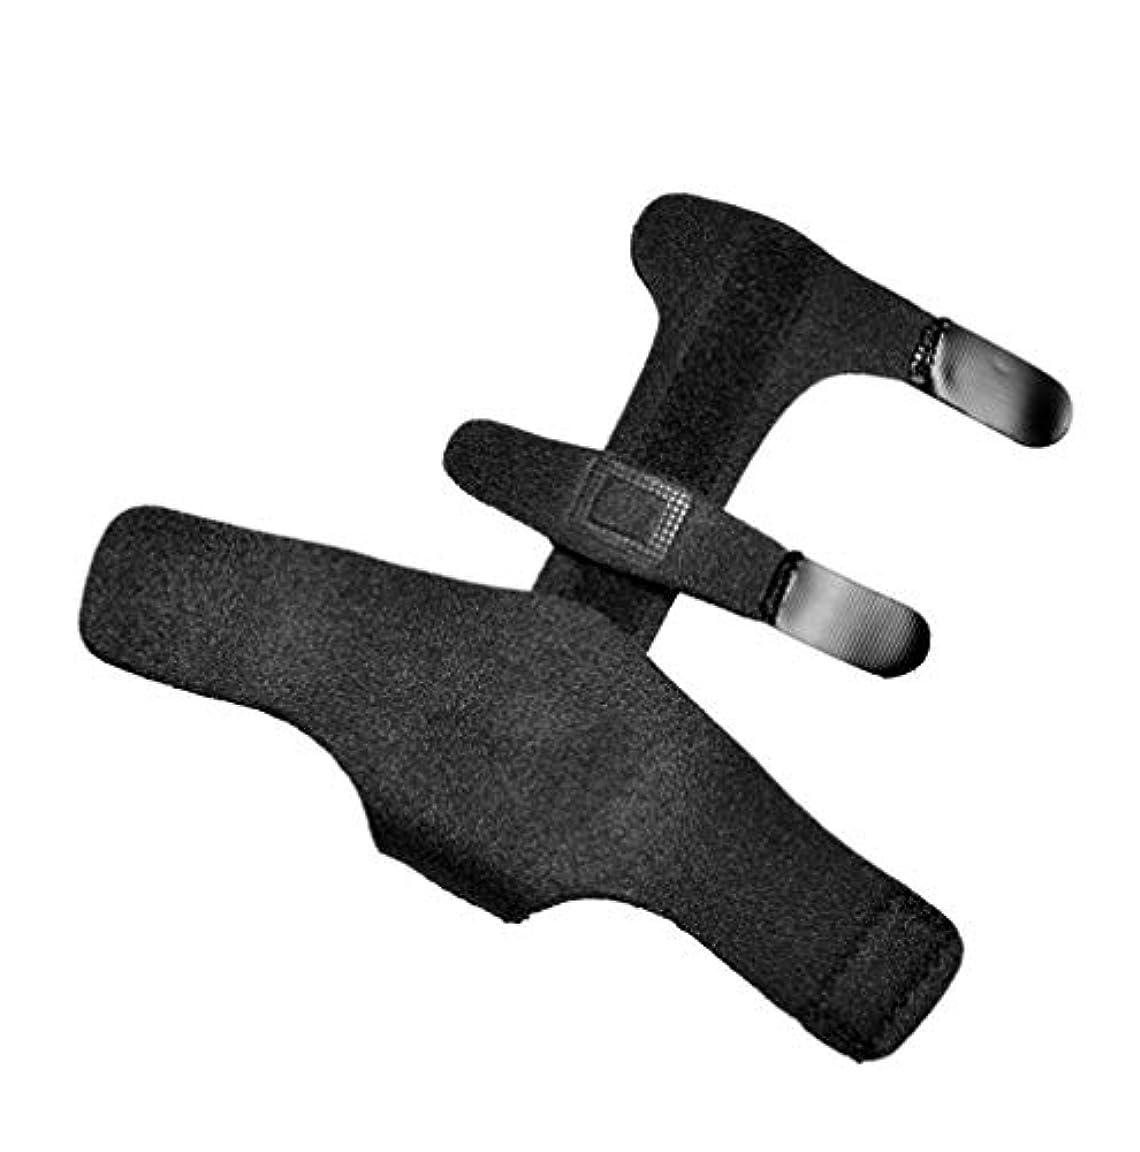 象麺ビリーヤギ親指スプリント、スプリント固定フィンガージョイント捻挫とホームの指固定して指骨折固定、ワンサイズ